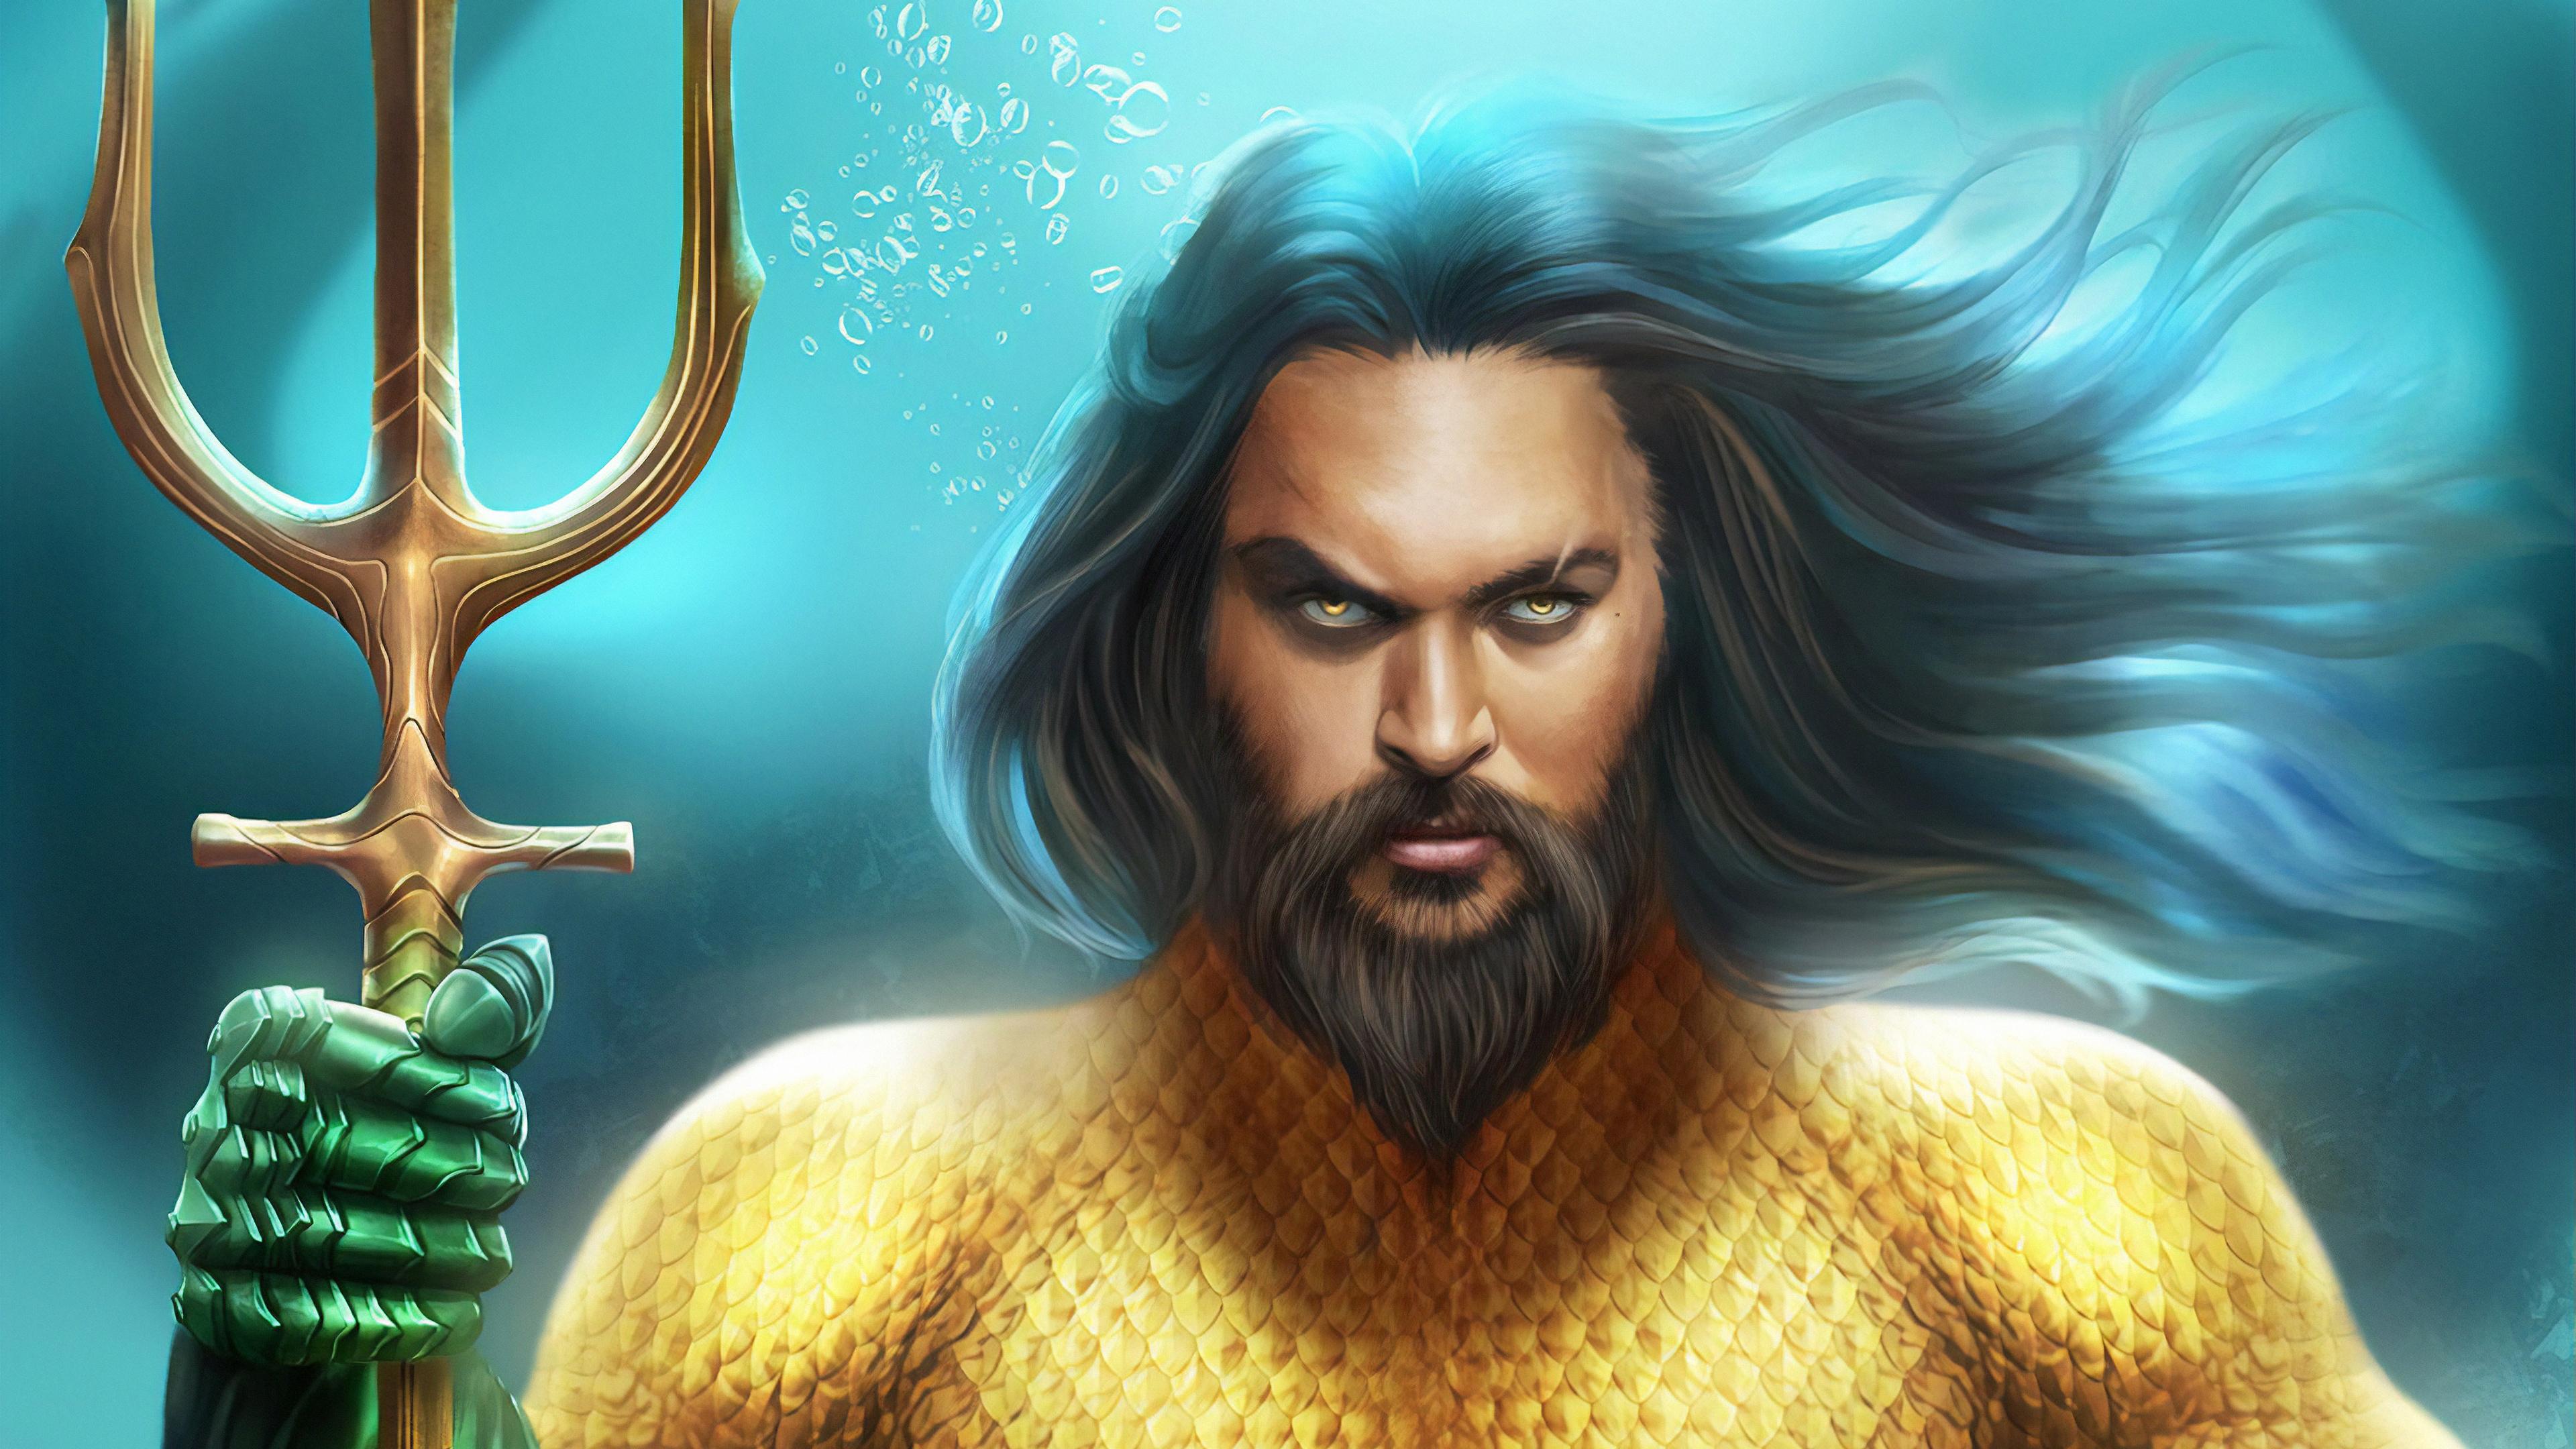 aquaman art 1562106000 - Aquaman Art - superheroes wallpapers, hd-wallpapers, digital art wallpapers, artwork wallpapers, aquaman wallpapers, 4k-wallpapers